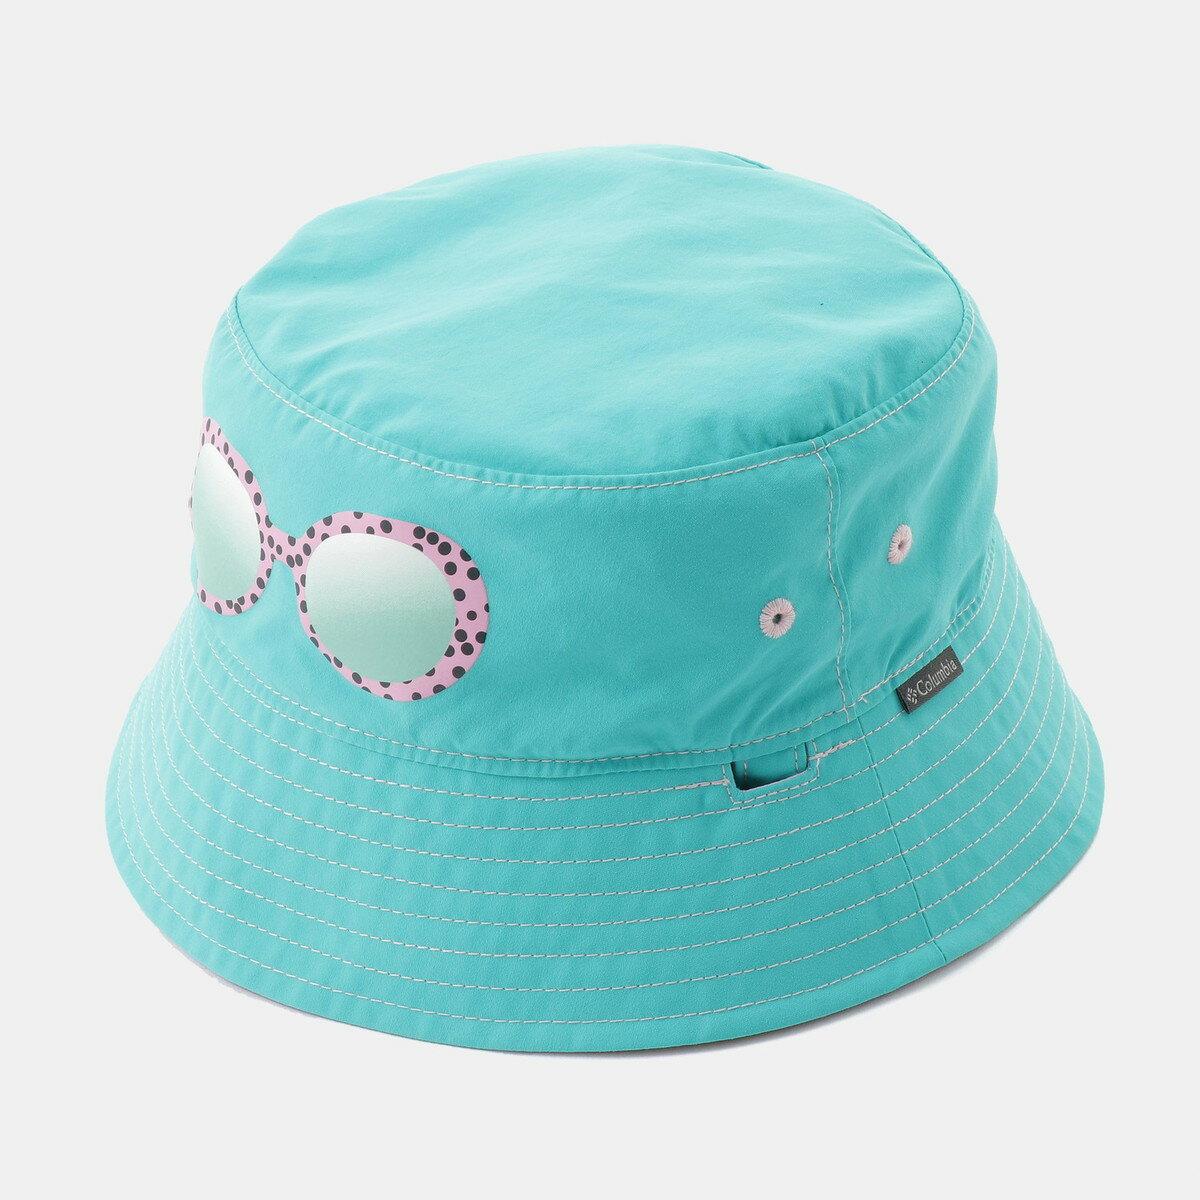 Columbia(コロンビア) エンドレスエクスプローラーリバーシブルバケットハット 帽子 ジュニア CY0076-335